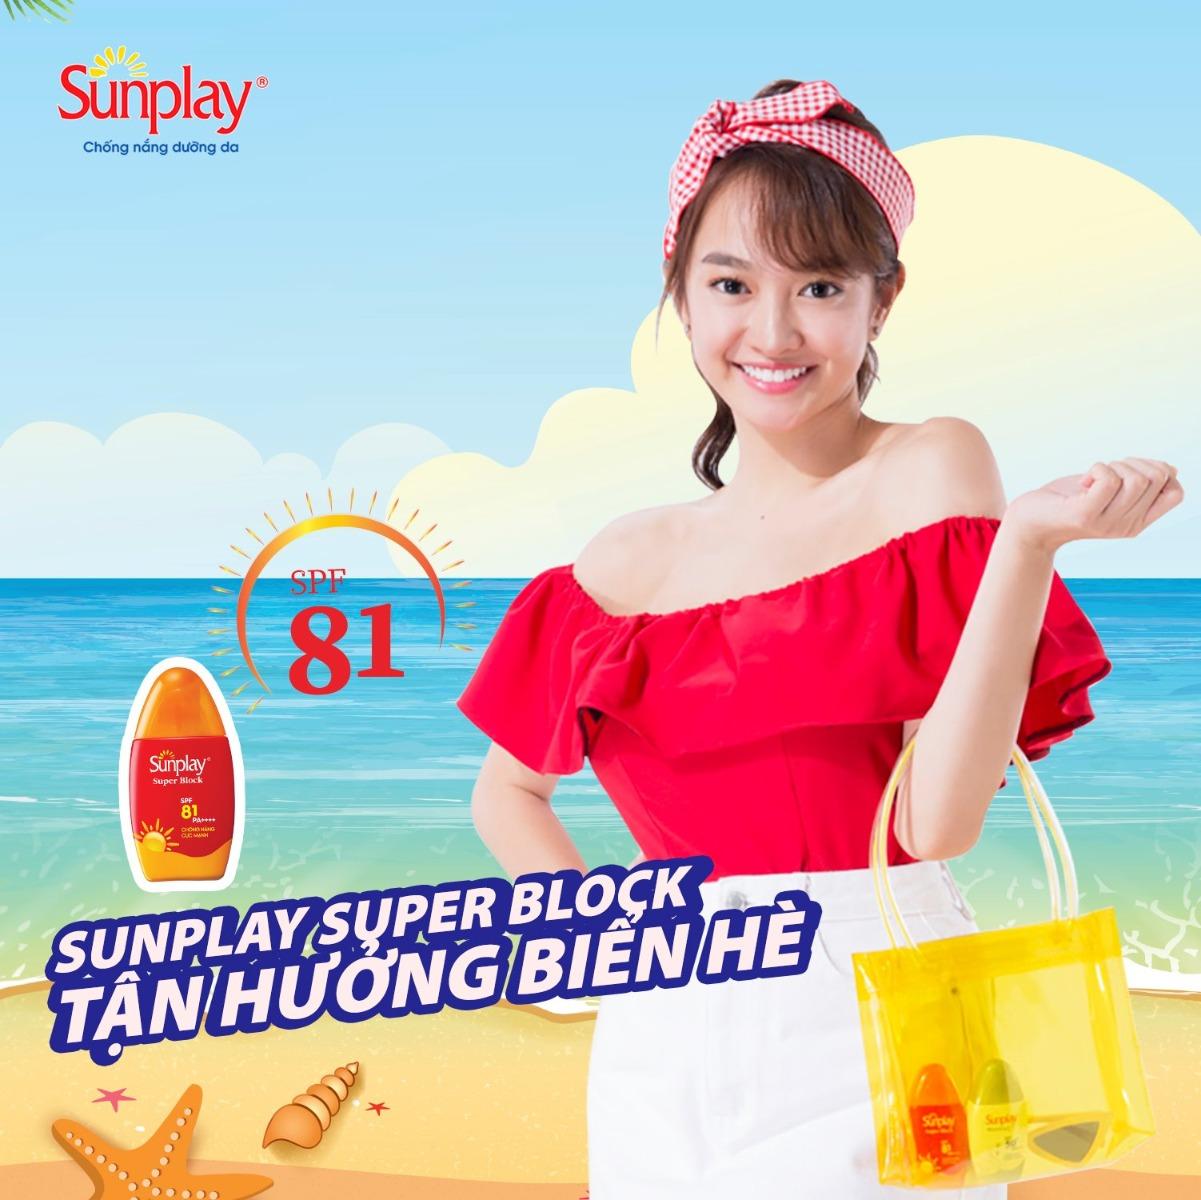 Sữa Chống Nắng Dưỡng Da Sunplay SPF81 PA++++ 30g Super Block